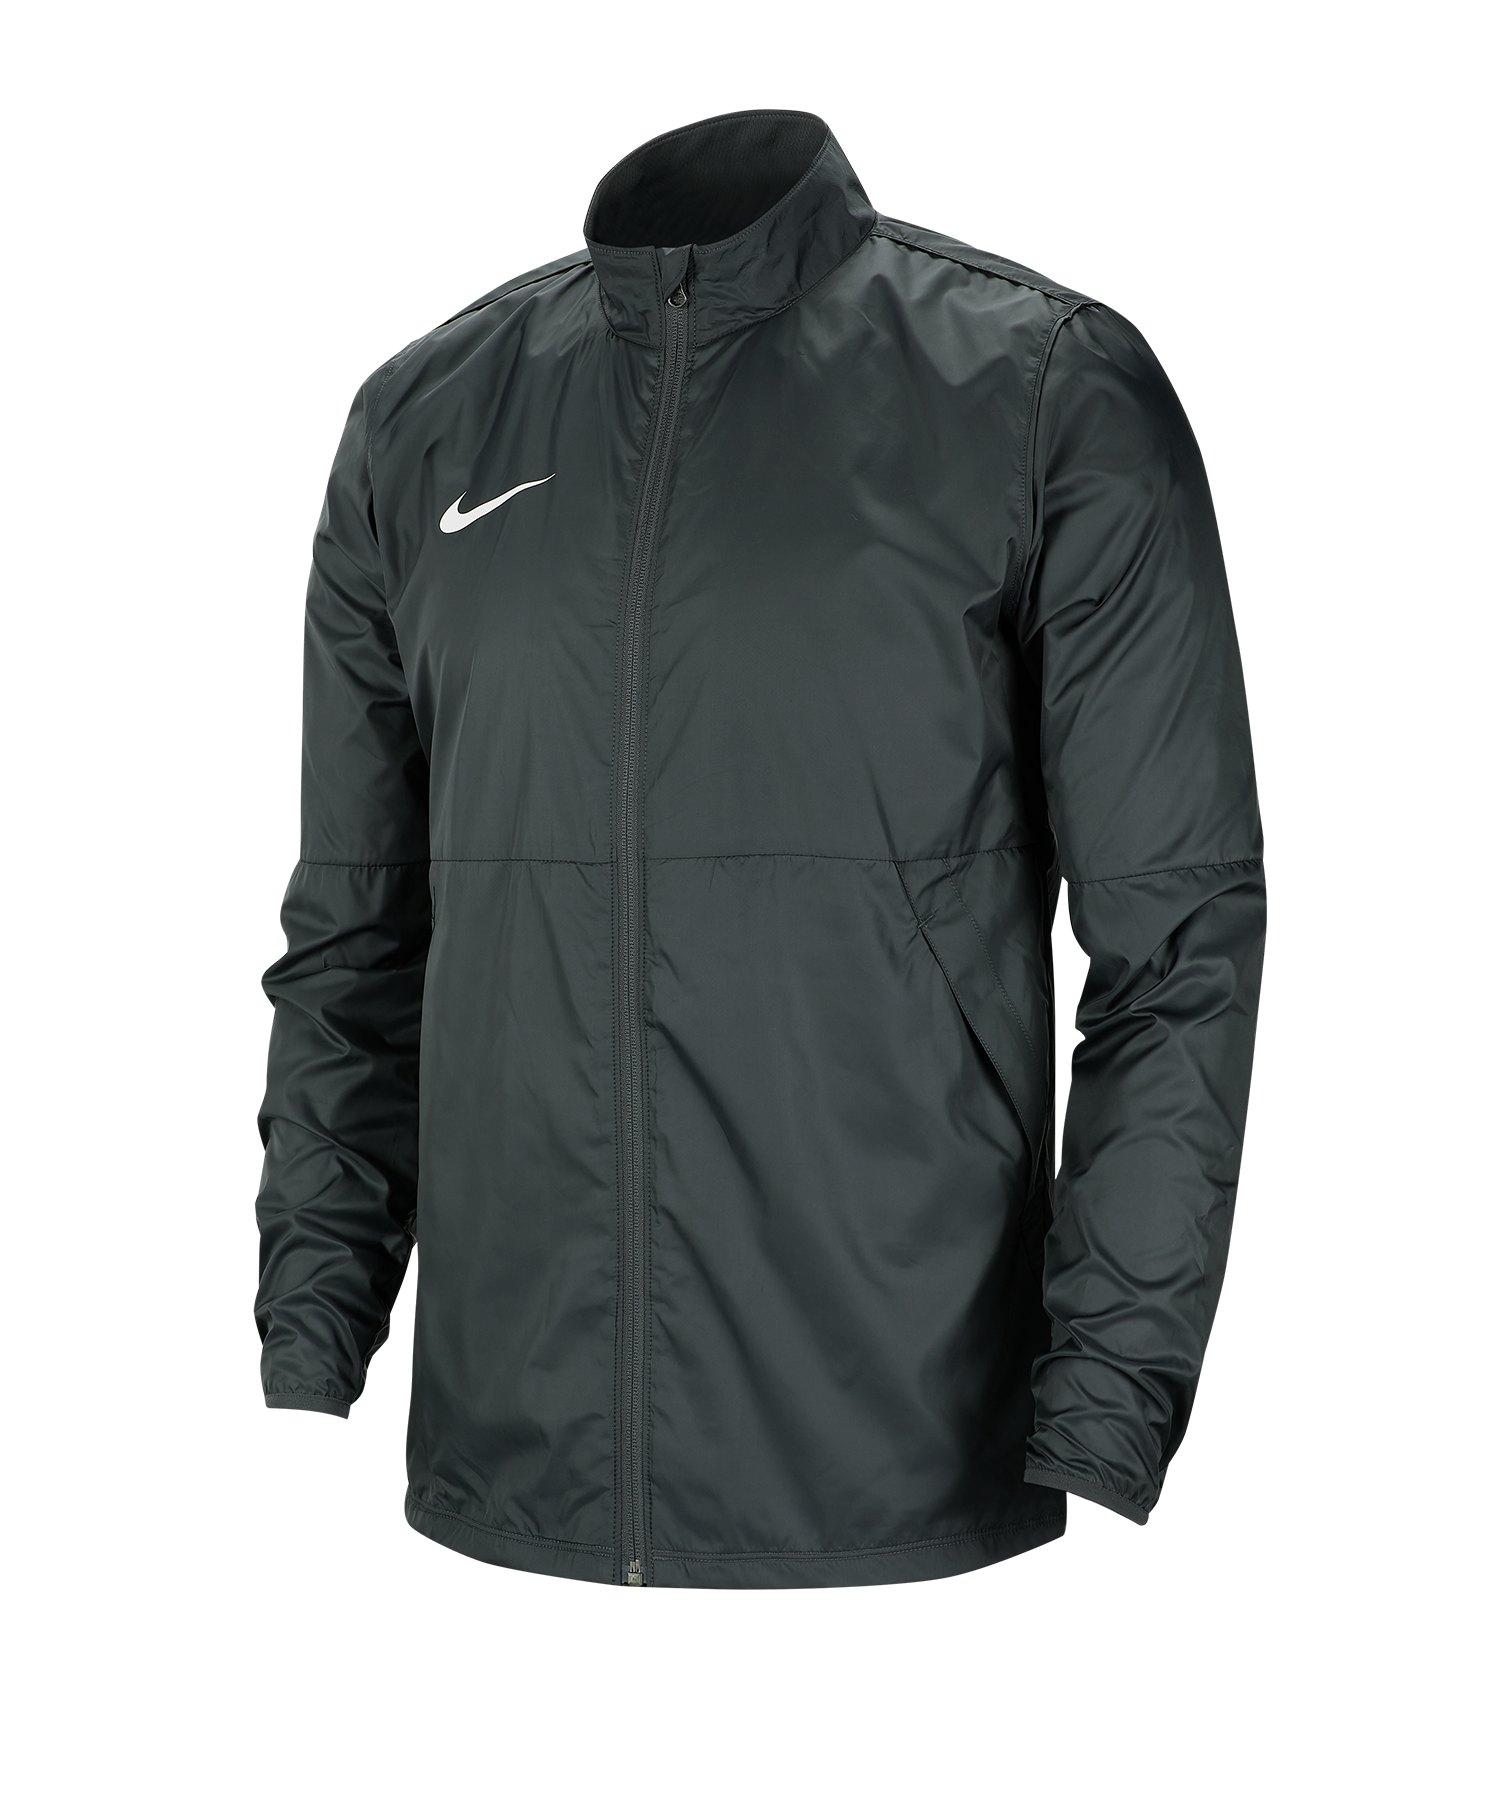 Nike Park 20 Regenjacke Grau F060 - grau